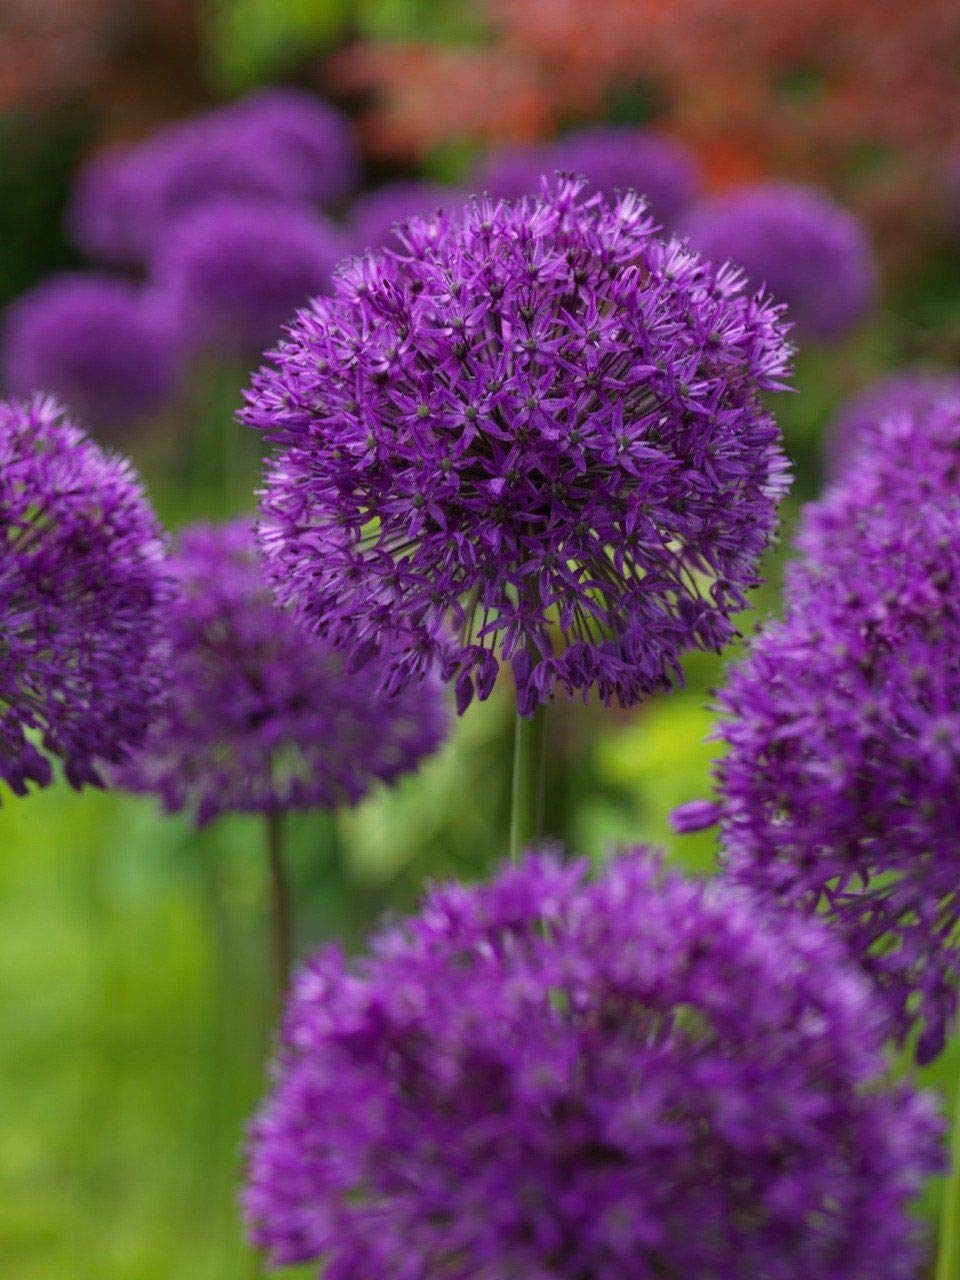 10 Dark Purple Allium Bulbs Blooming Onion Flowering Perennial Garden Flower by SVI